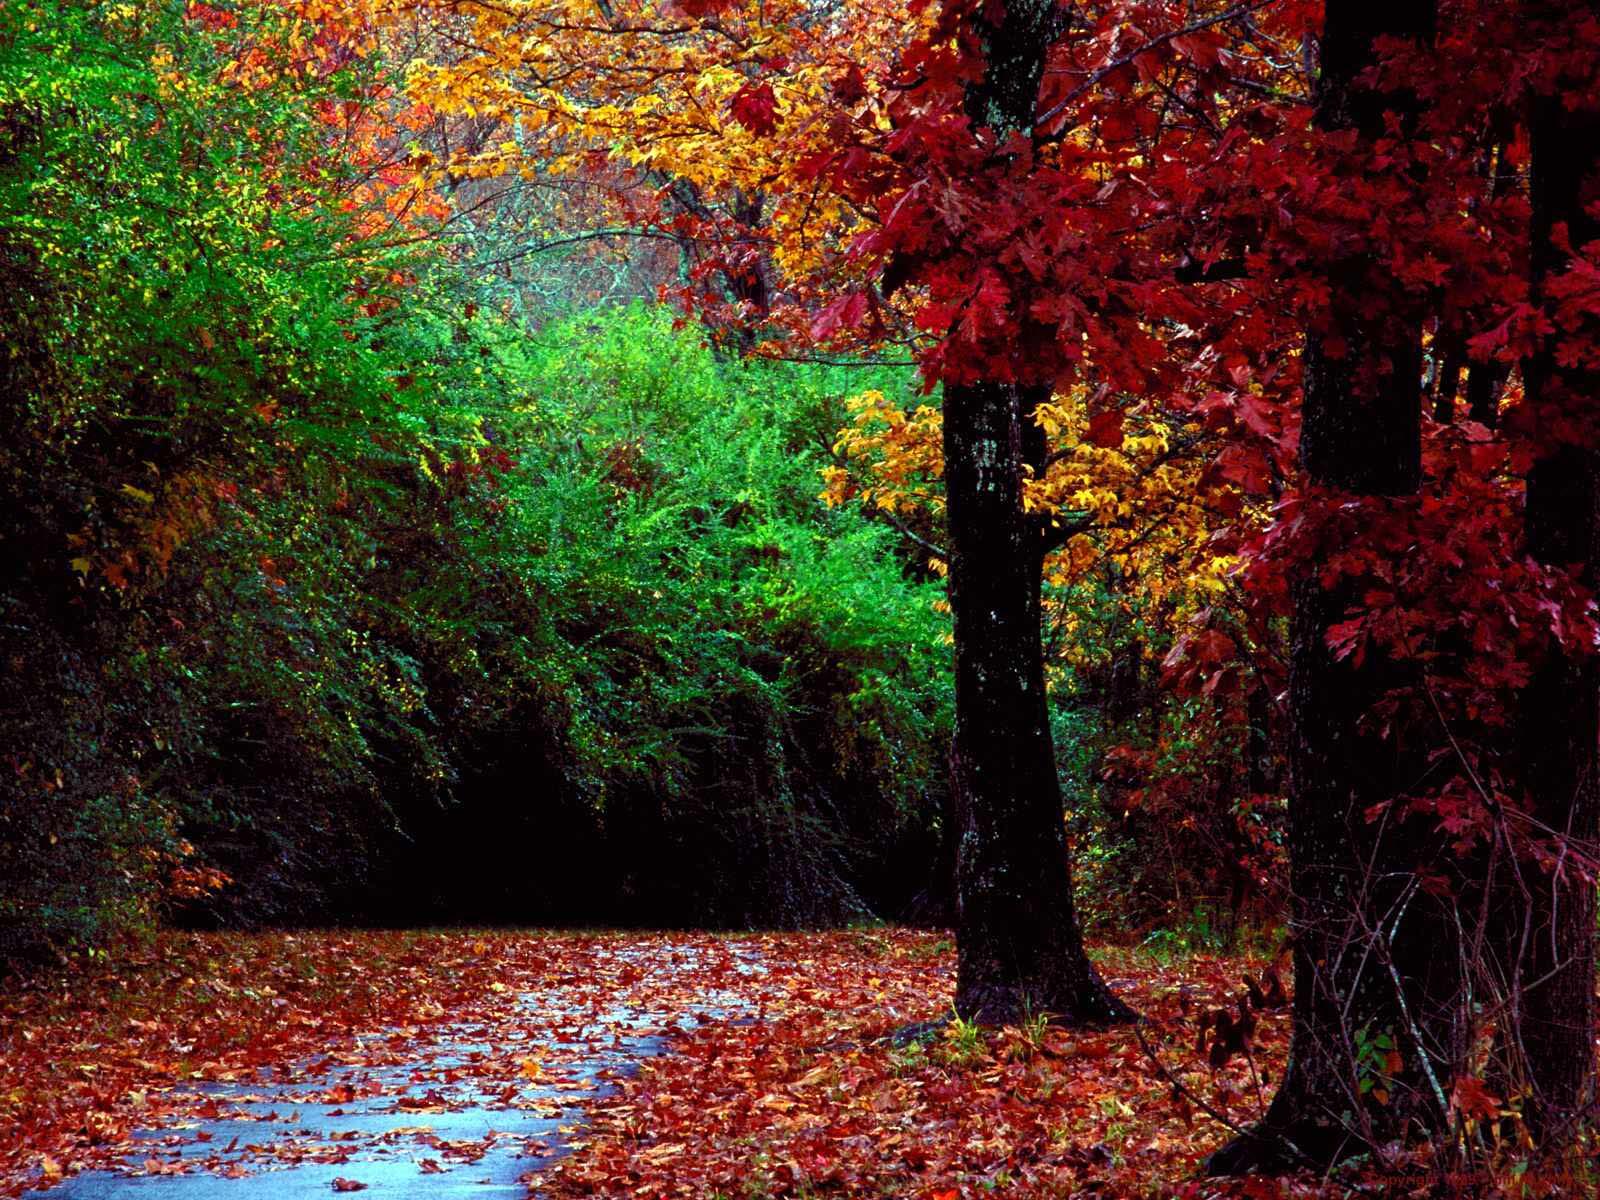 http://1.bp.blogspot.com/_A1Xso1pDrLk/TT3gMfREcyI/AAAAAAAAANs/GhDDROv9jZ4/s1600/Autumn_Forest_and_Landscape_Color%255B1%255D.jpeg